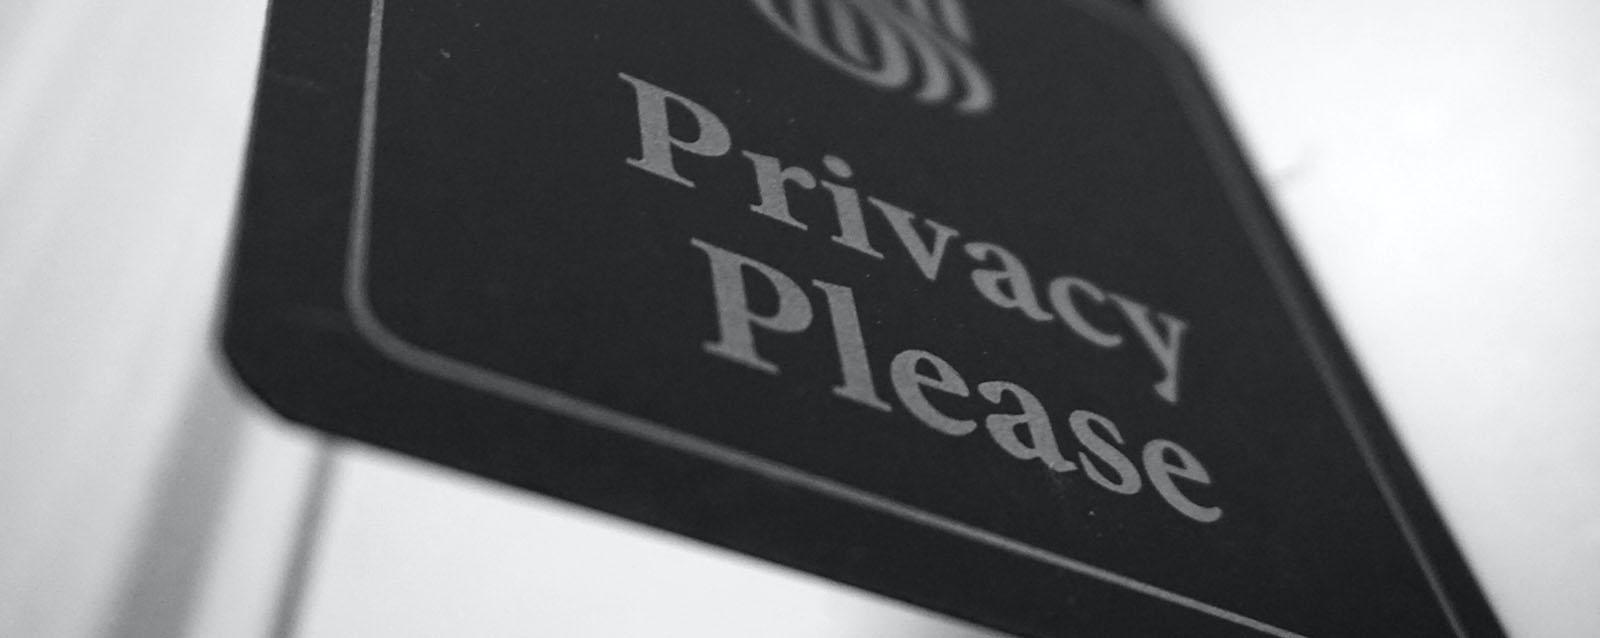 Politique de confidentialité du site web